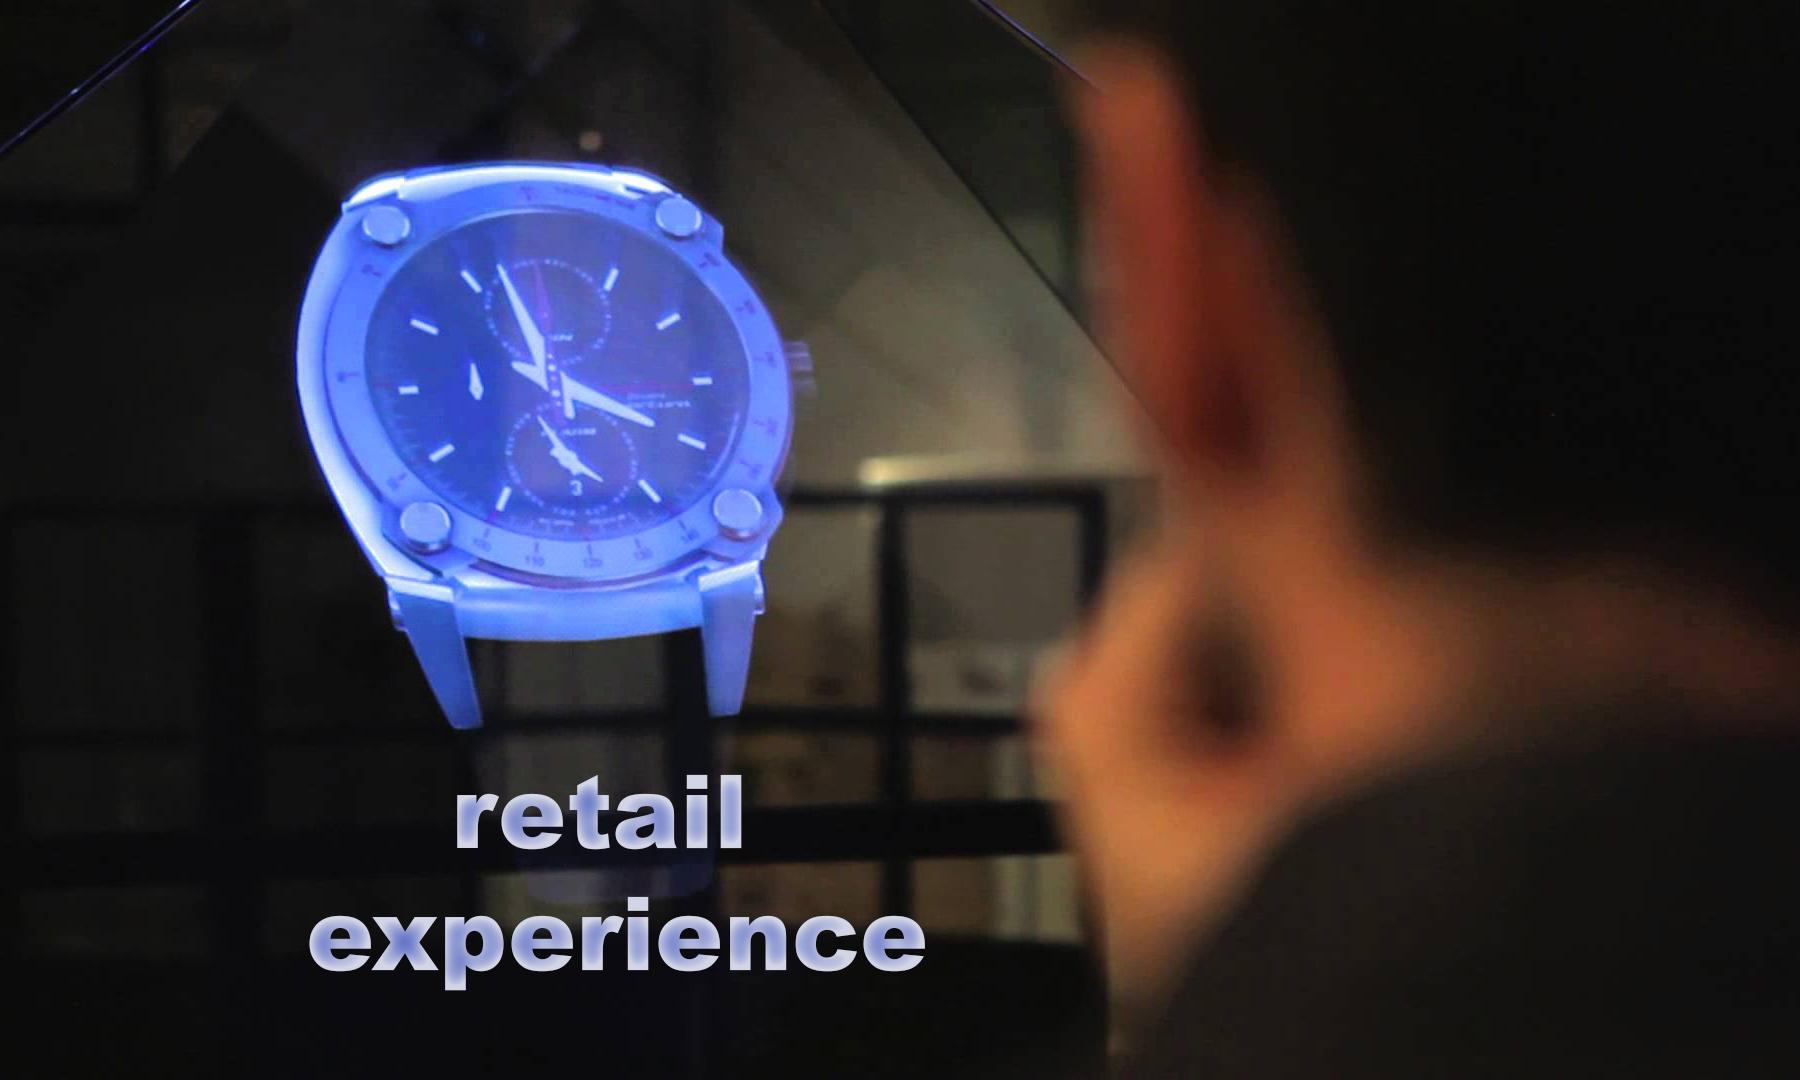 4 retail experience v2.jpg